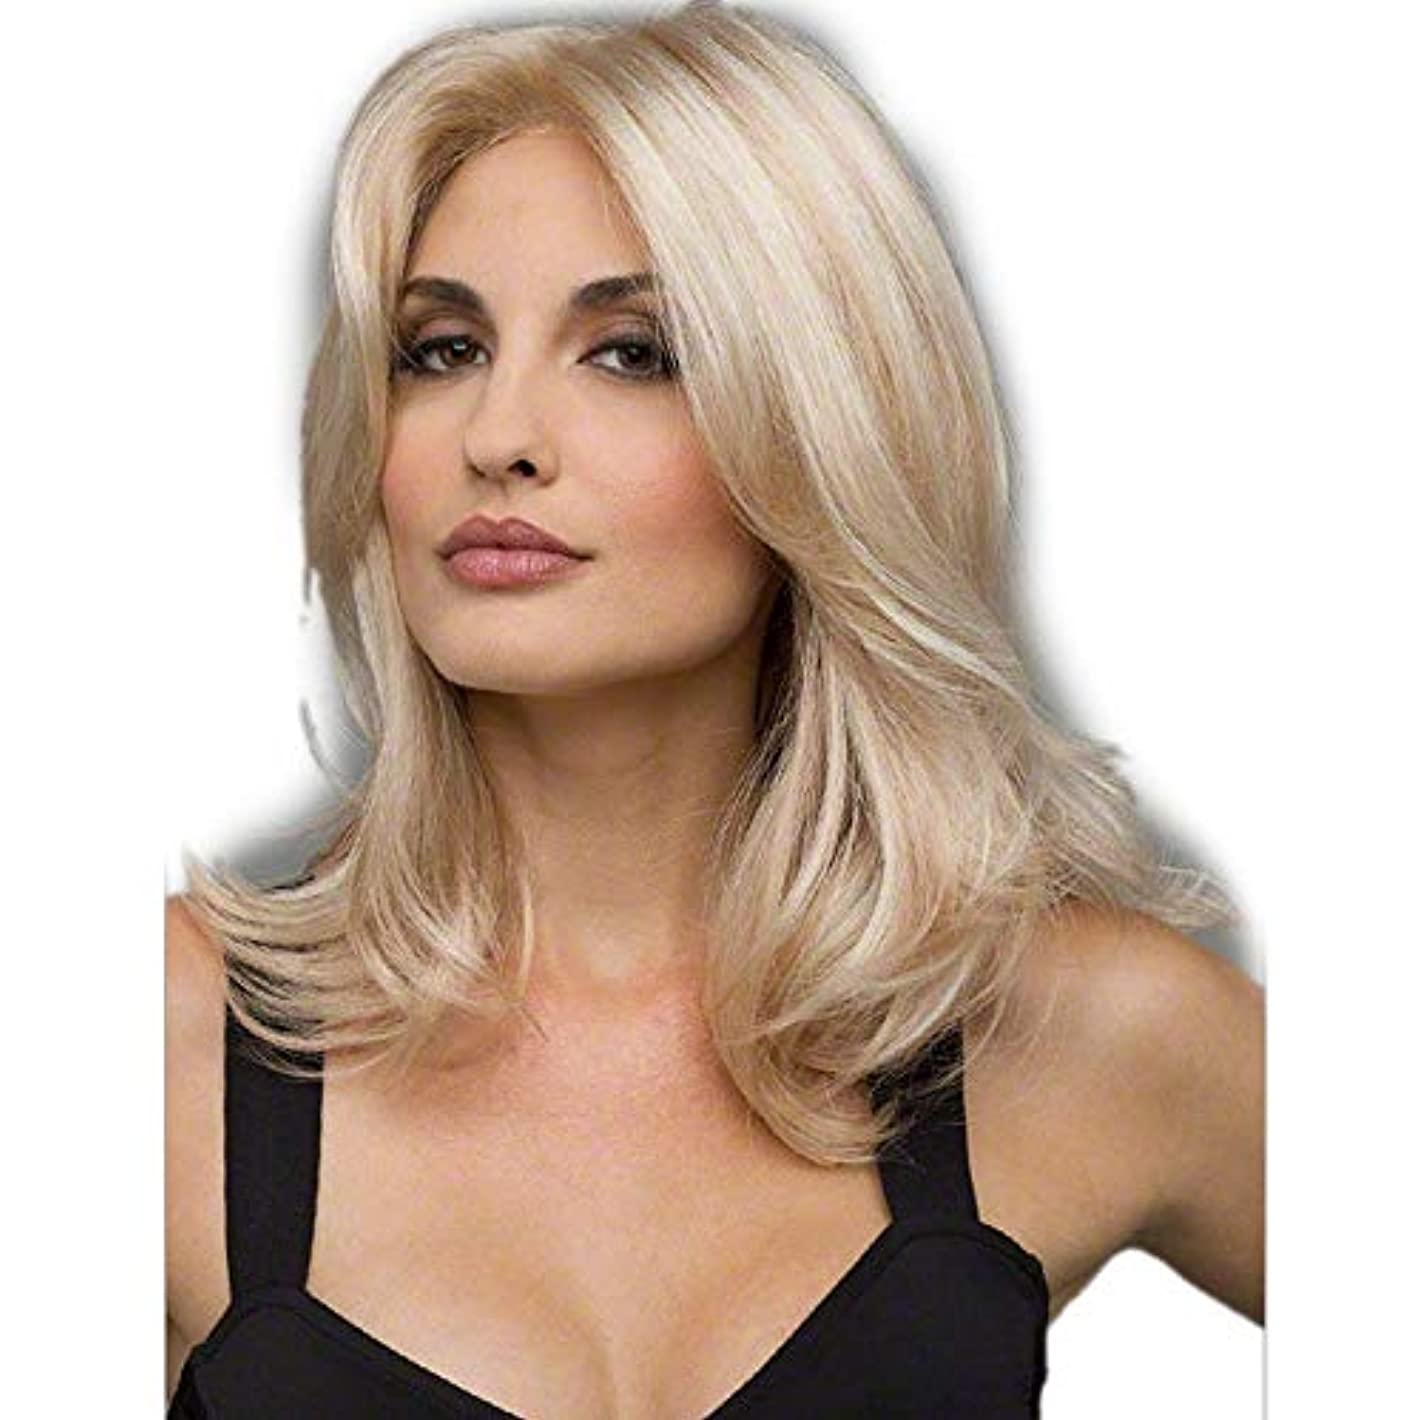 傾向がある郵便番号過ちWASAIO ファッションオンブルブロンドかつら合成ロングストレートヘア (色 : Blonde)